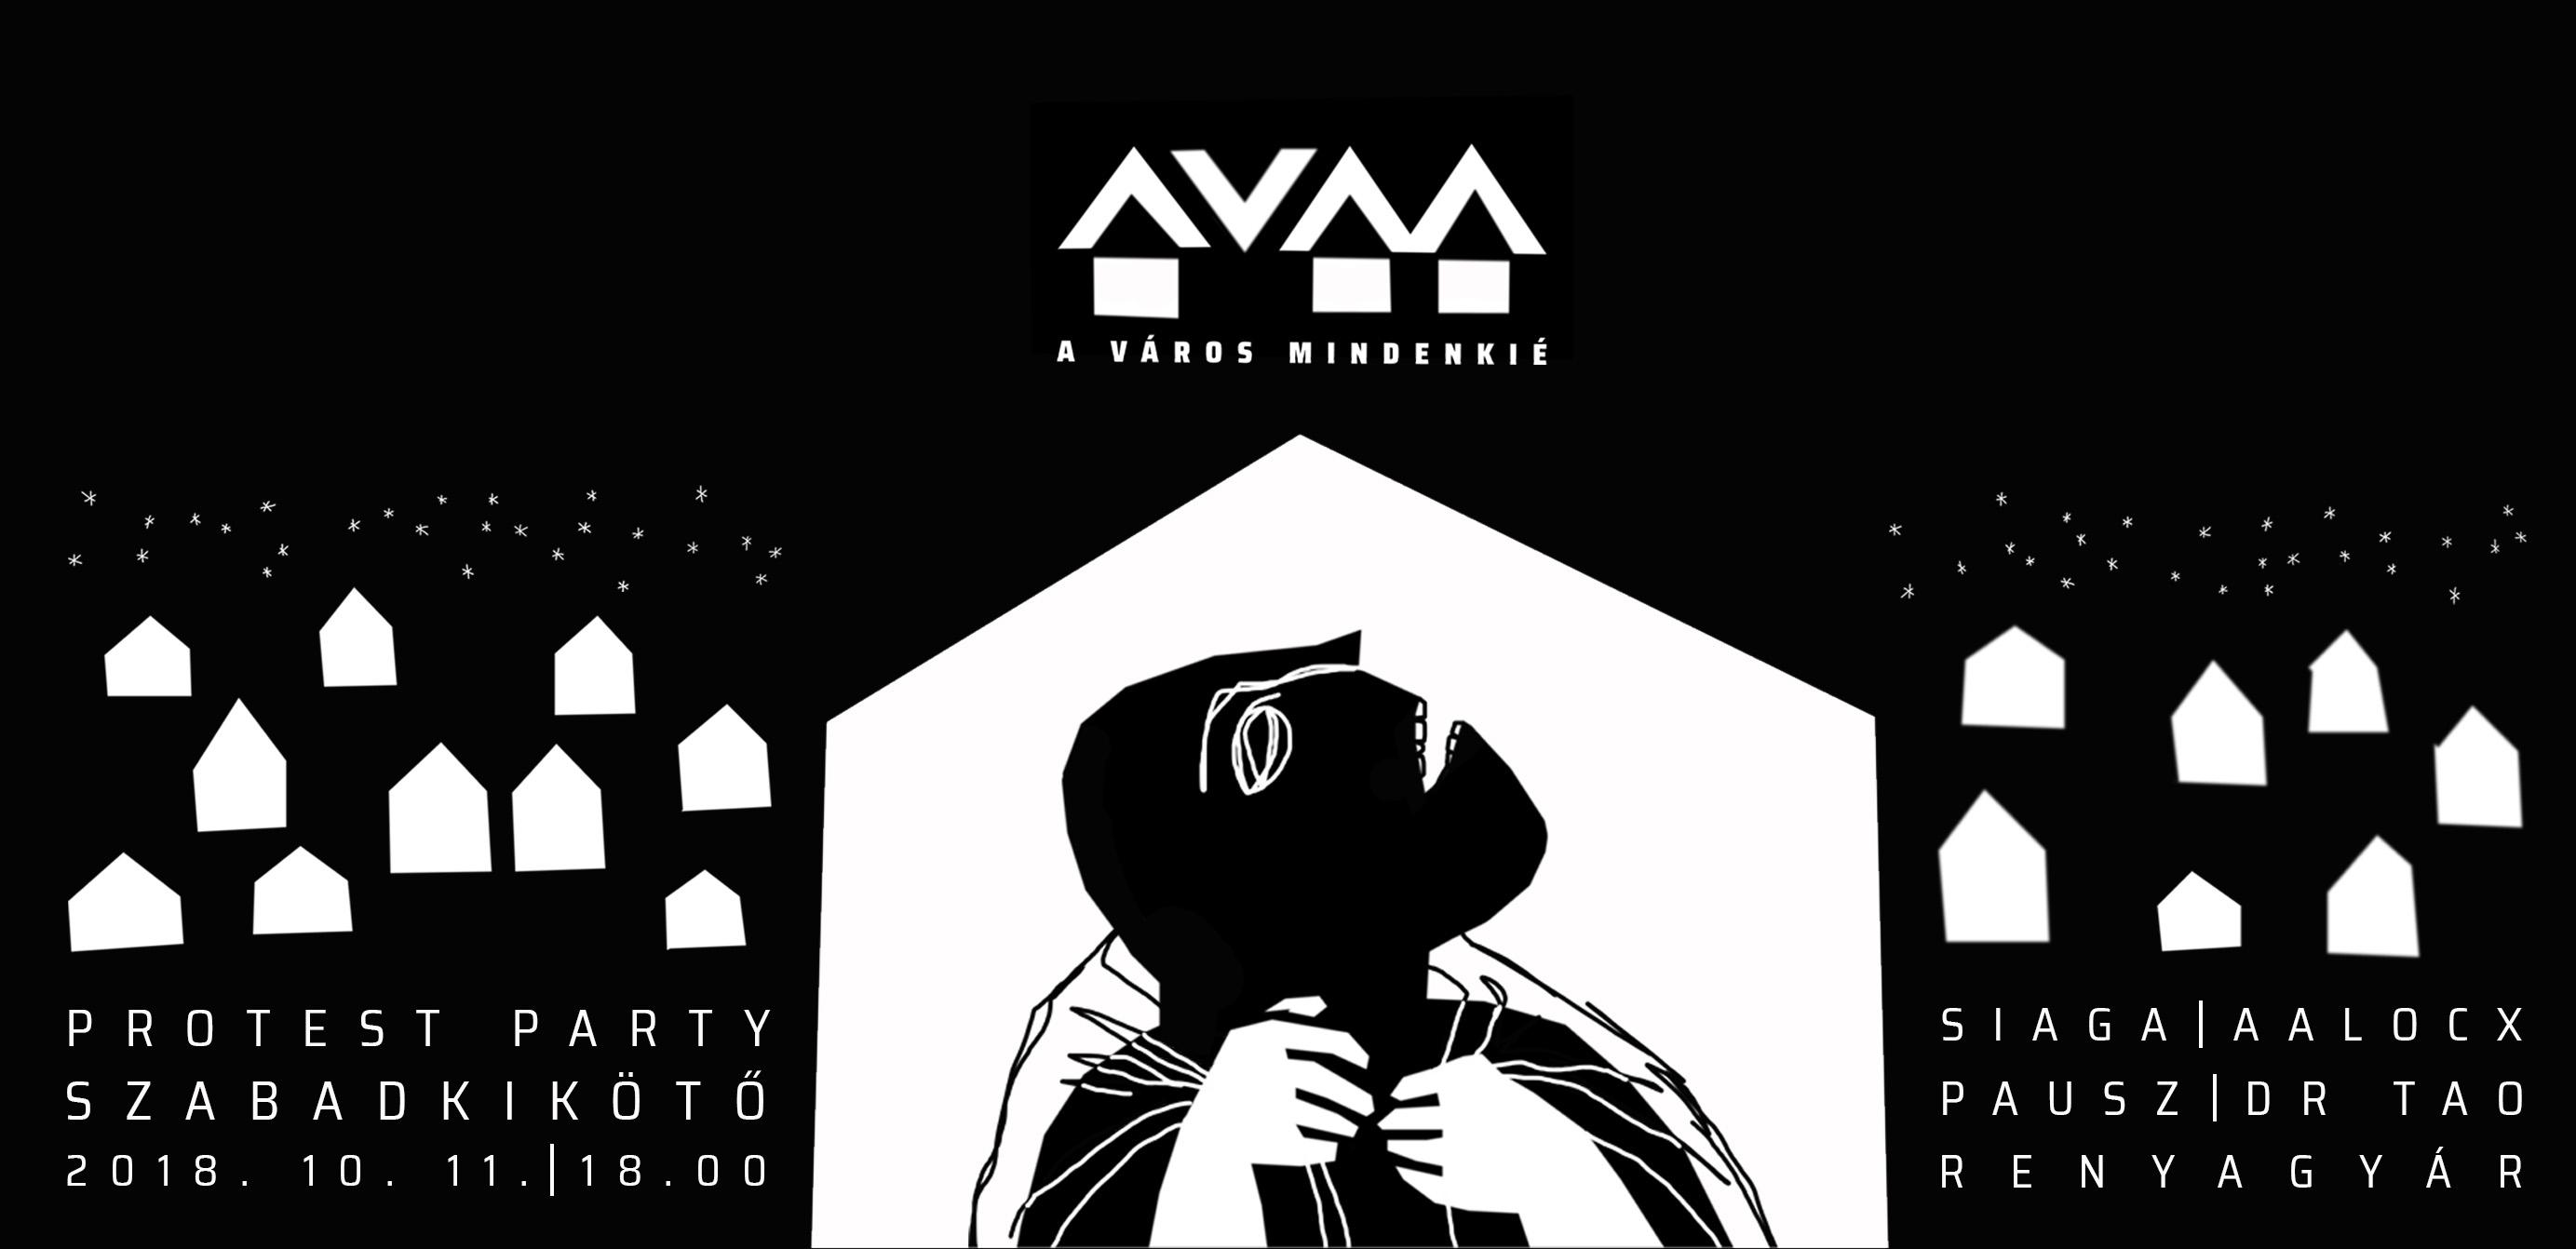 avm_cover.jpg